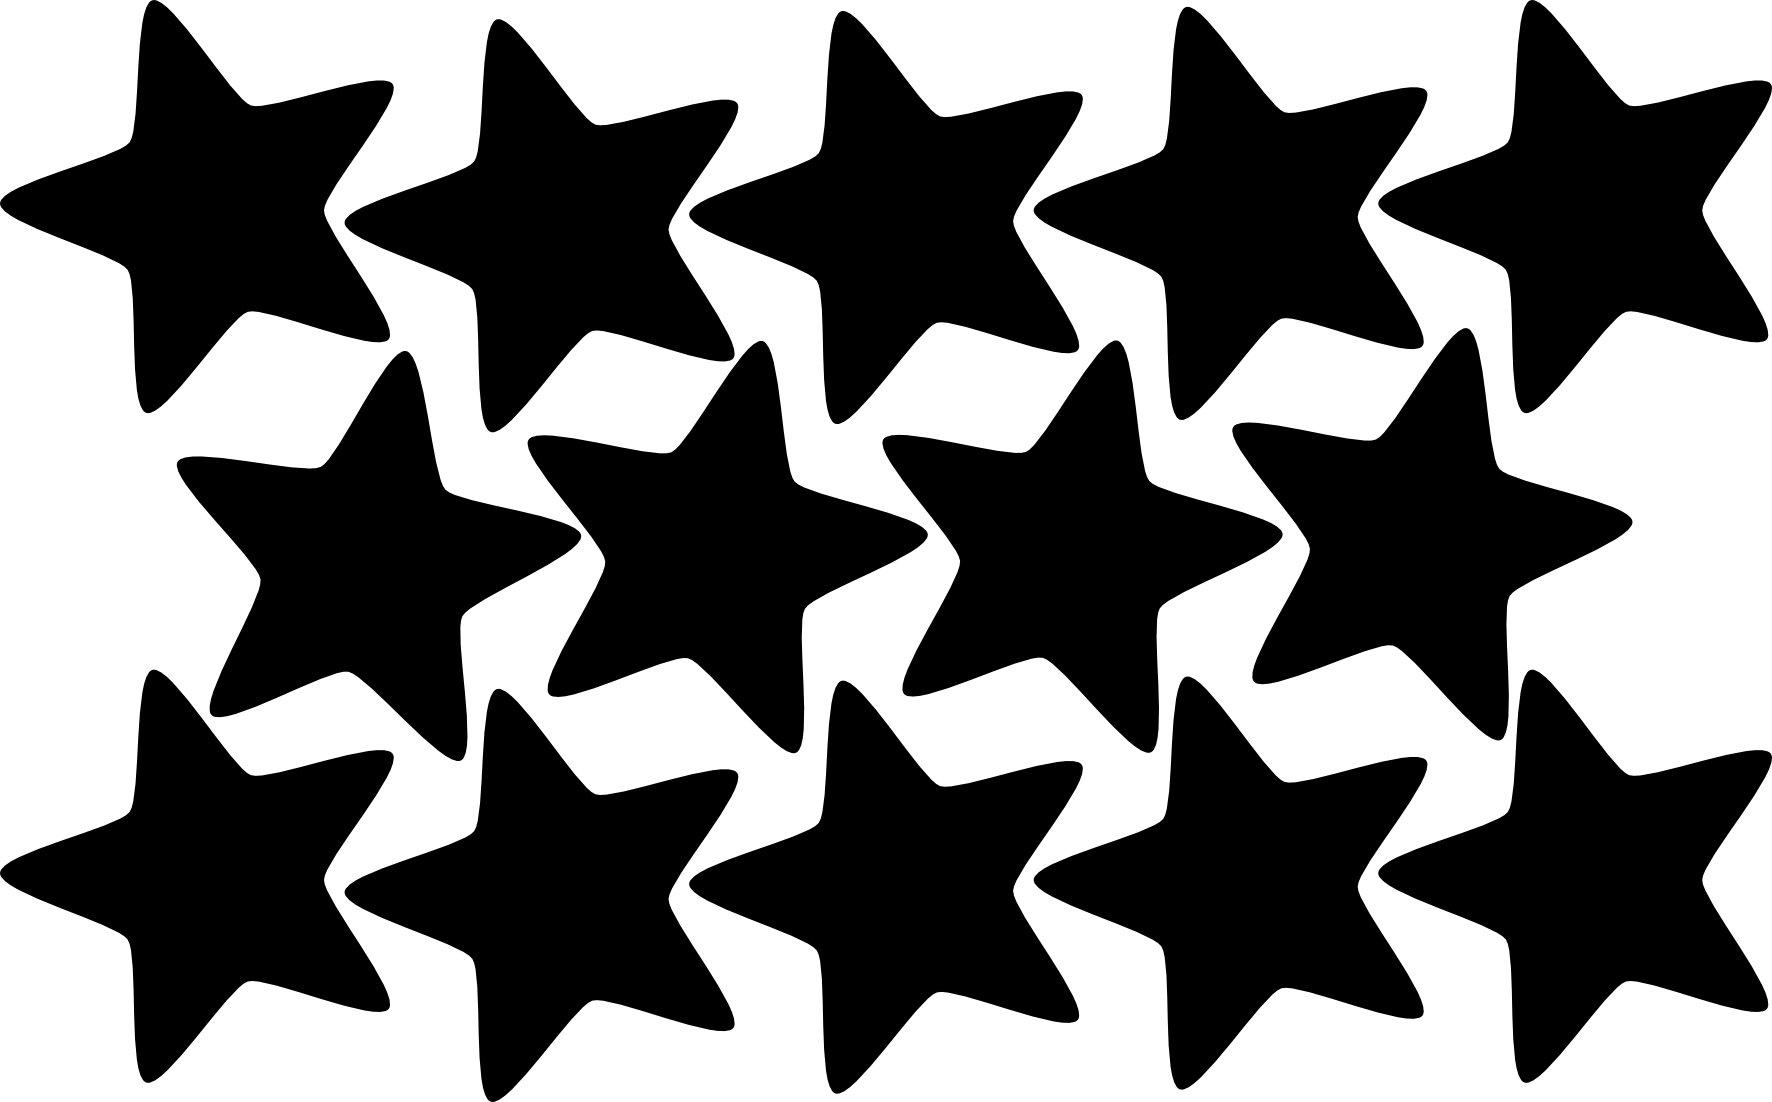 картинки различных звезд